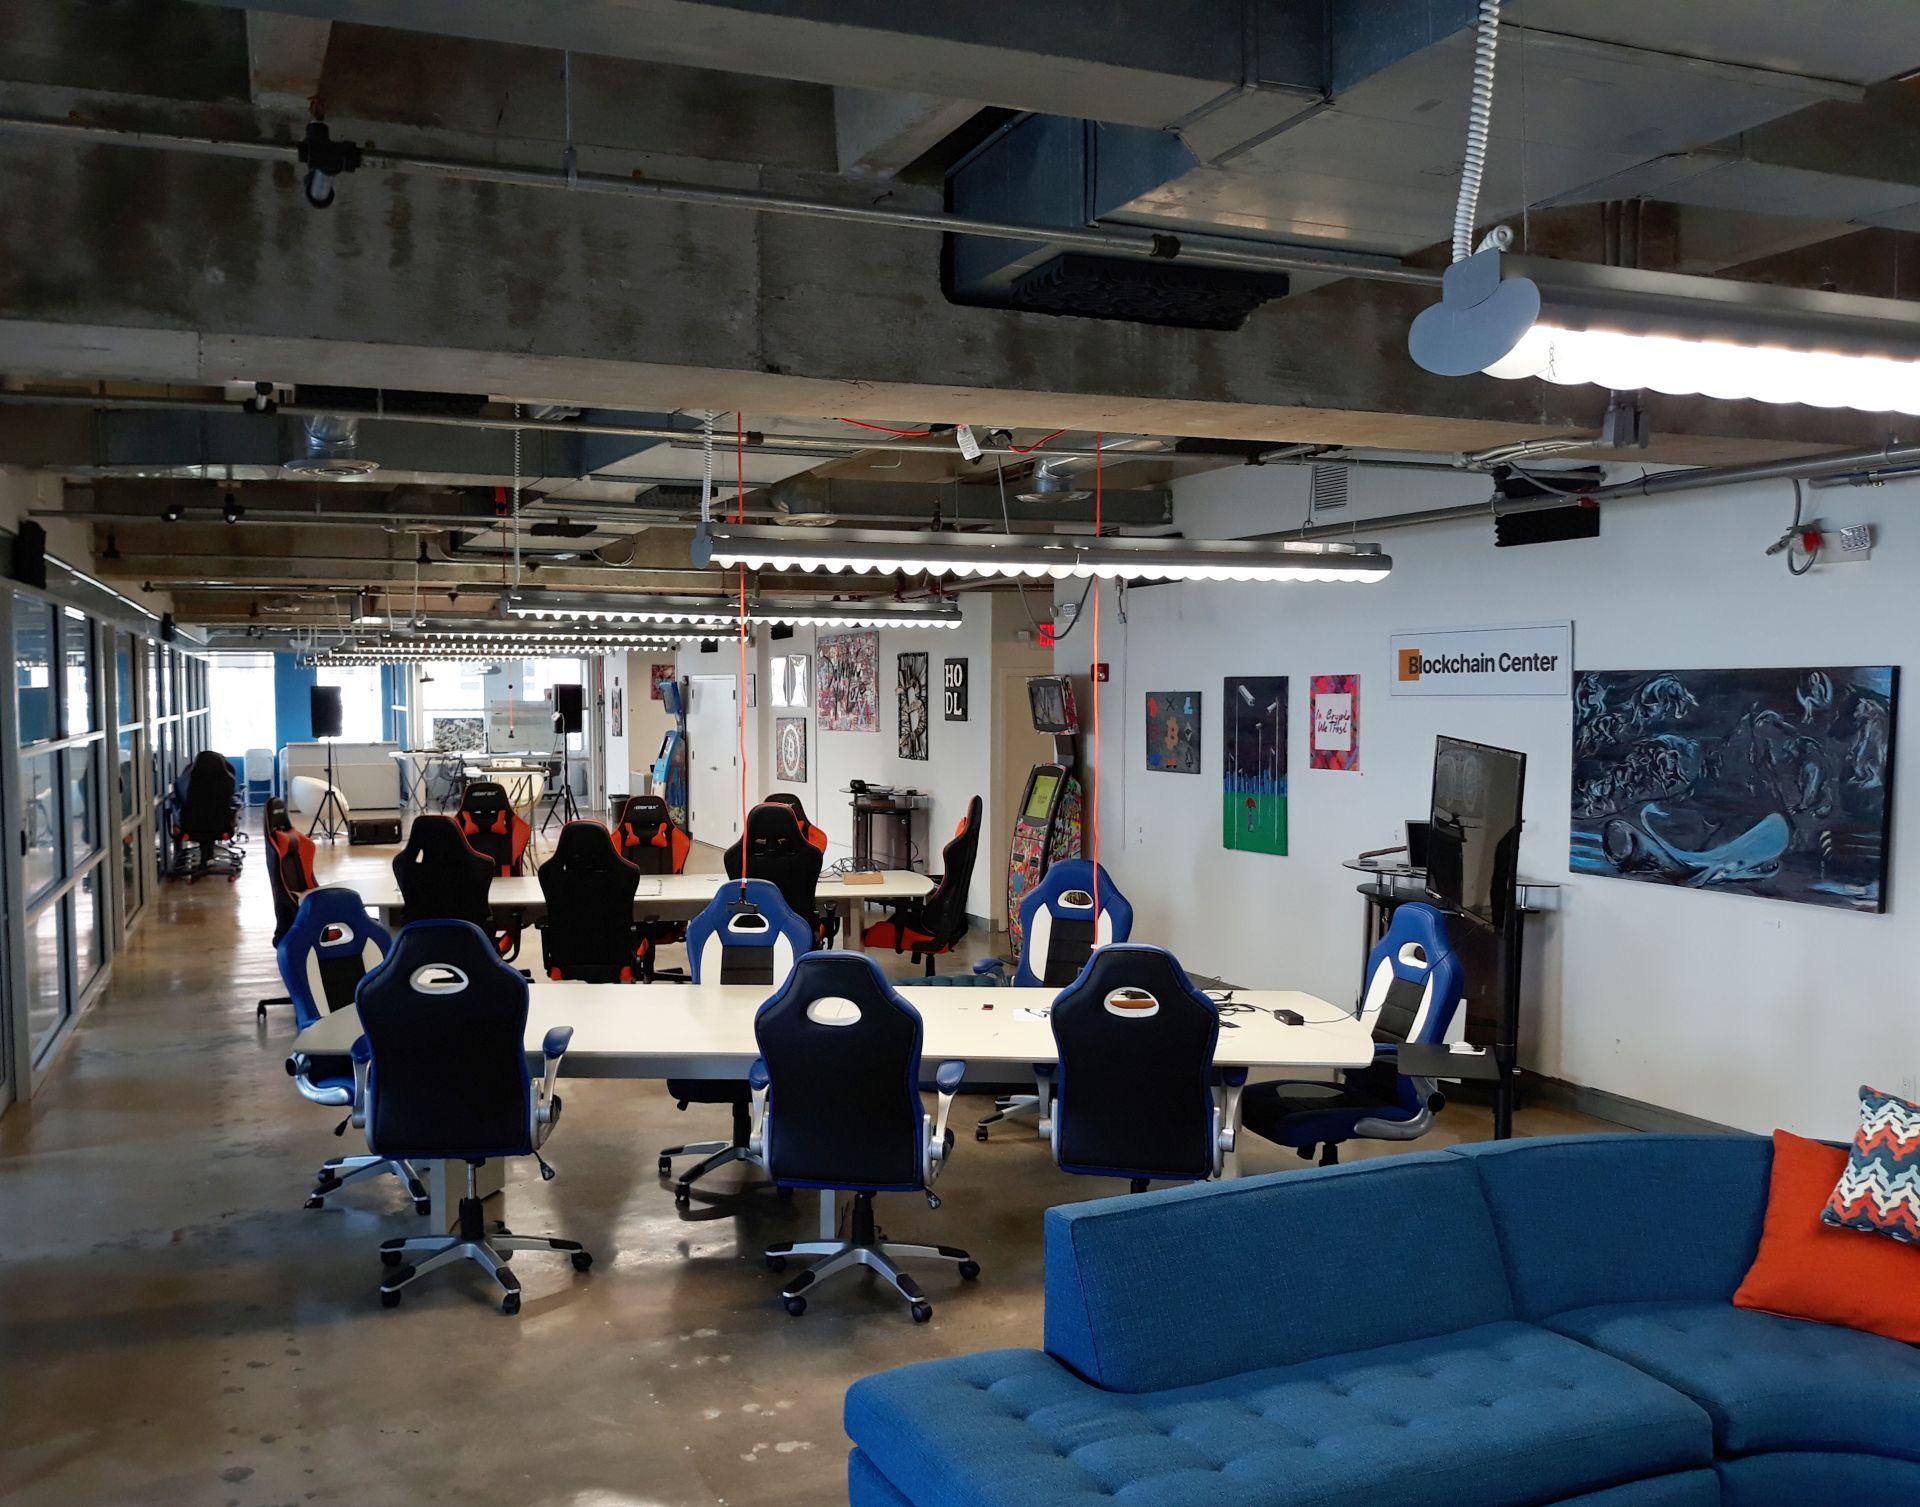 Blockchain Center, Miami